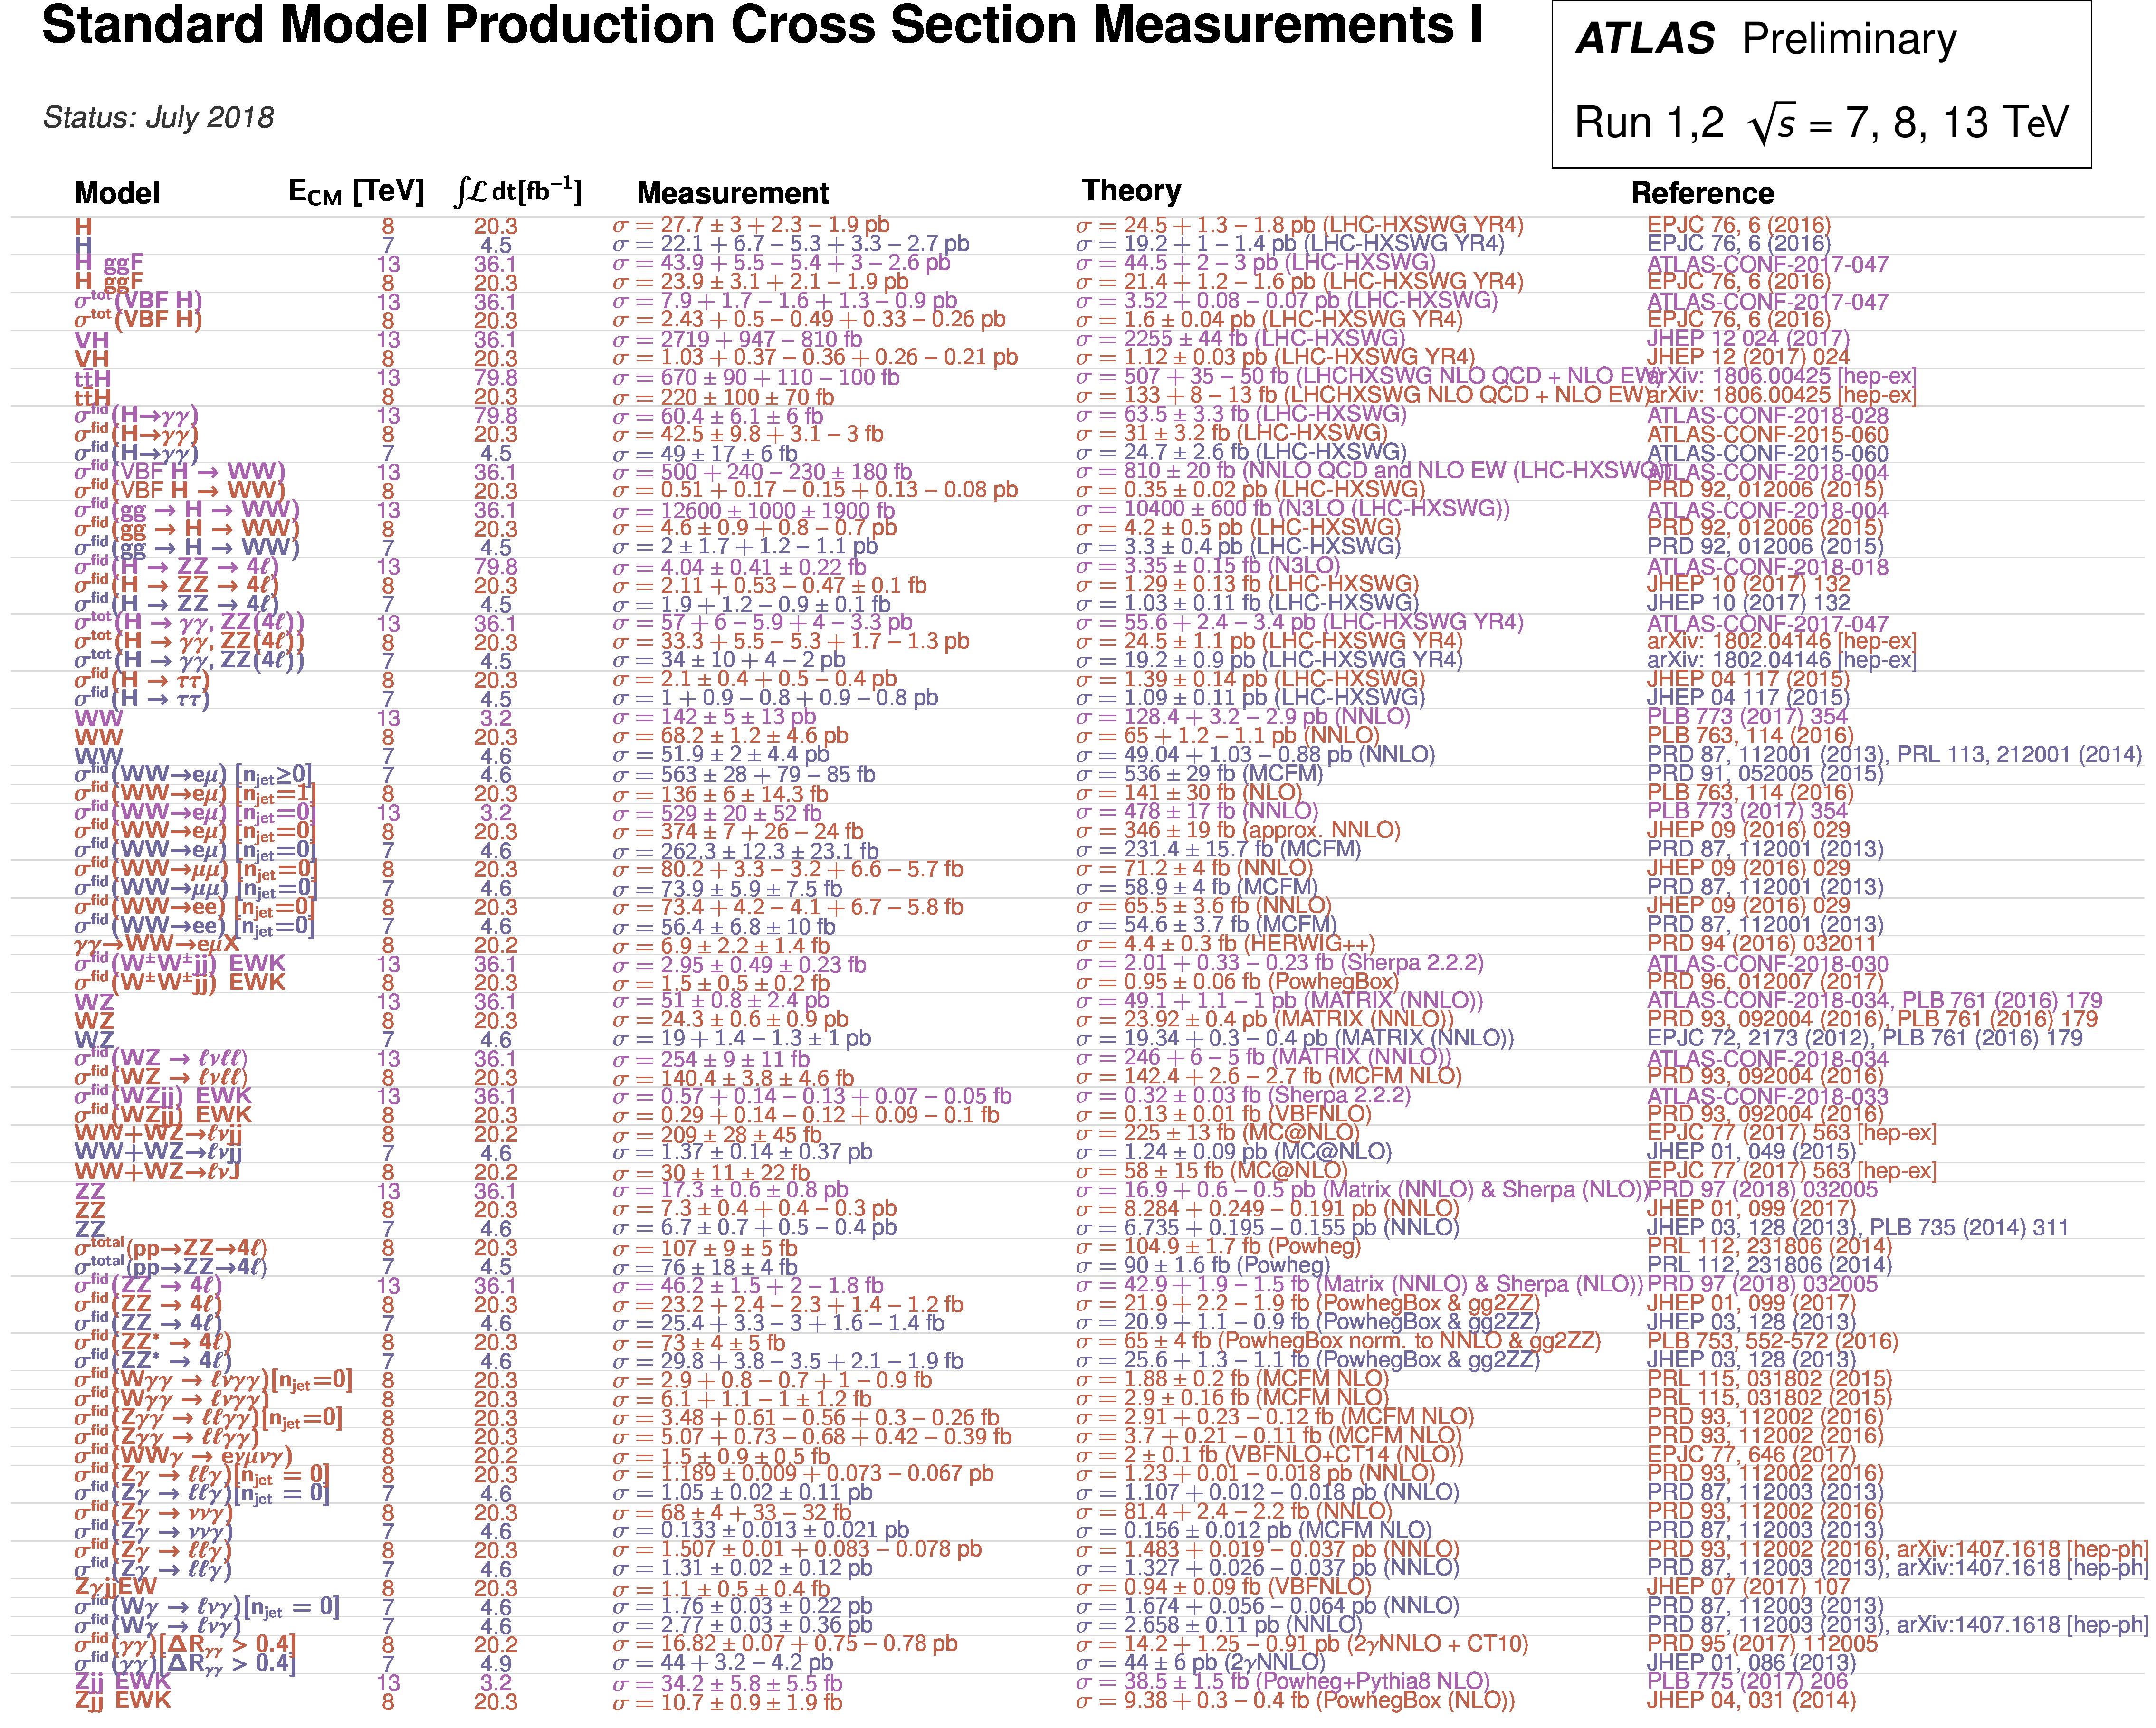 https://atlas.web.cern.ch/Atlas/GROUPS/PHYSICS/CombinedSummaryPlots/SM/ATLAS_q_SMSummary_Table1/ATLAS_q_SMSummary_Table1.png